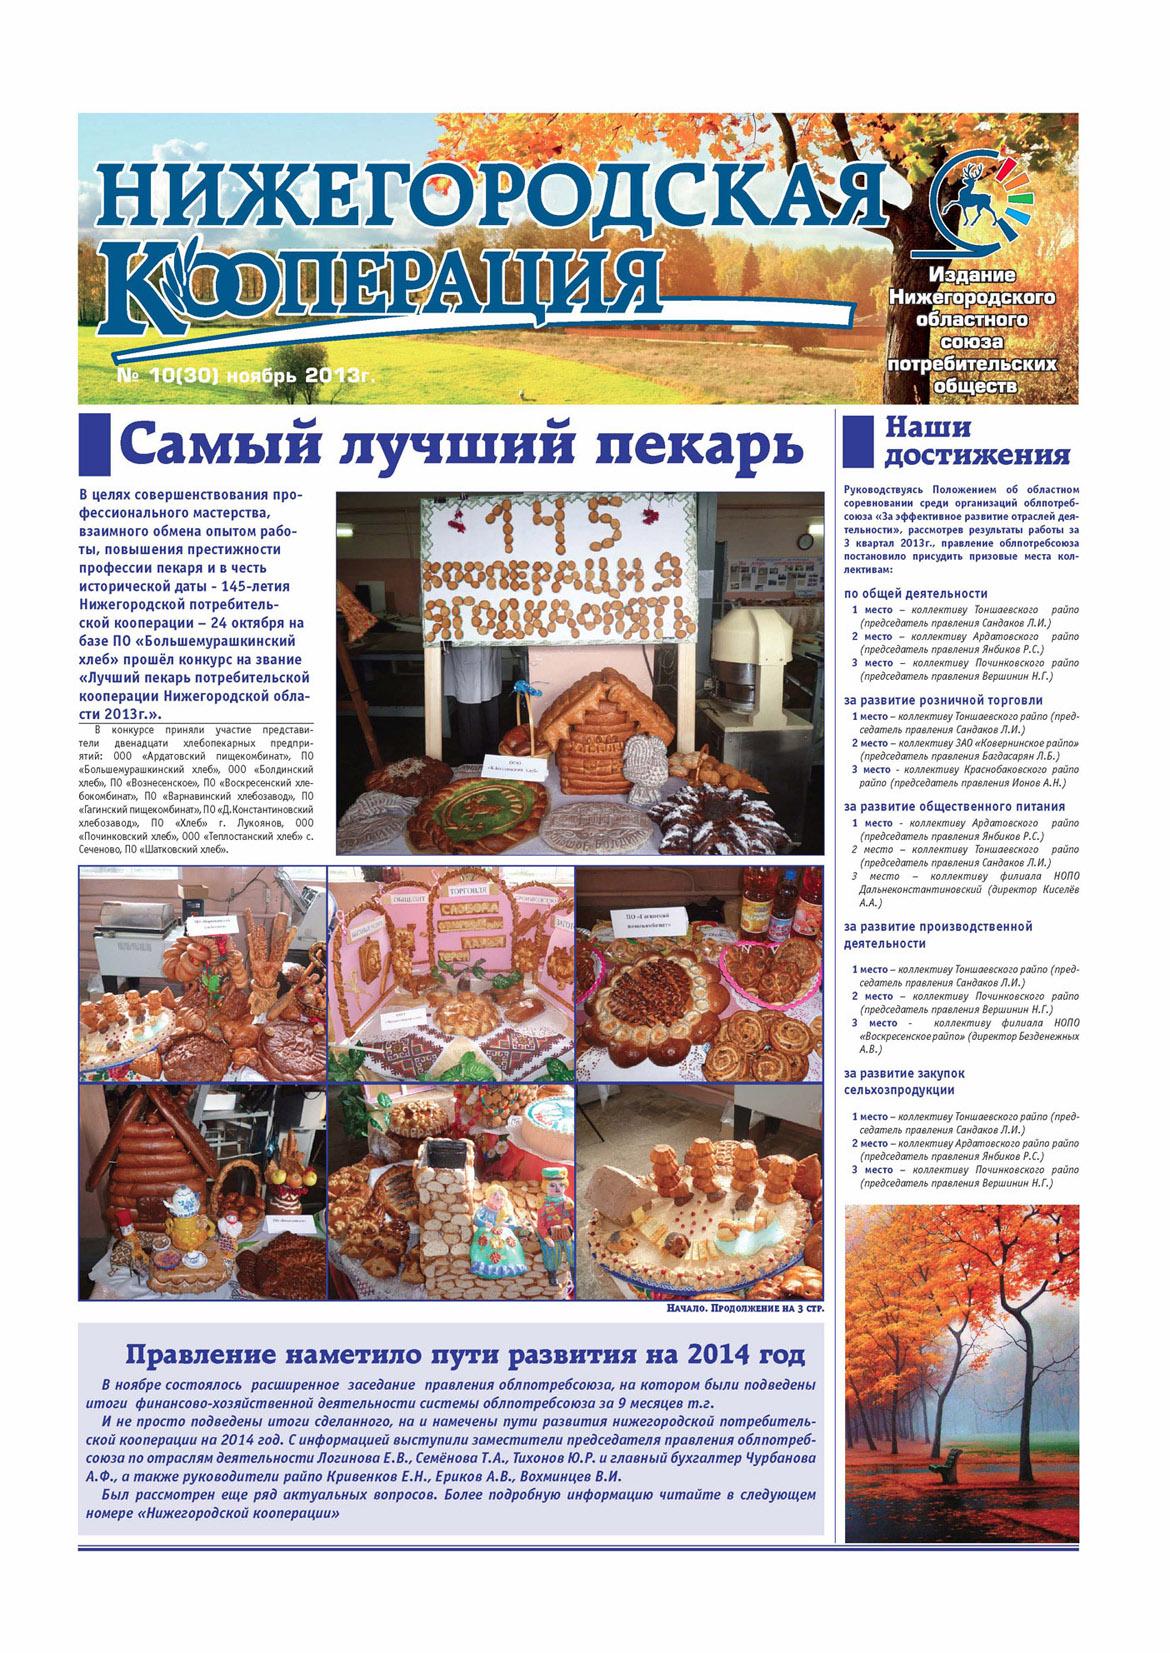 Нижегородская кооперация №10 ноябрь 2013 г.